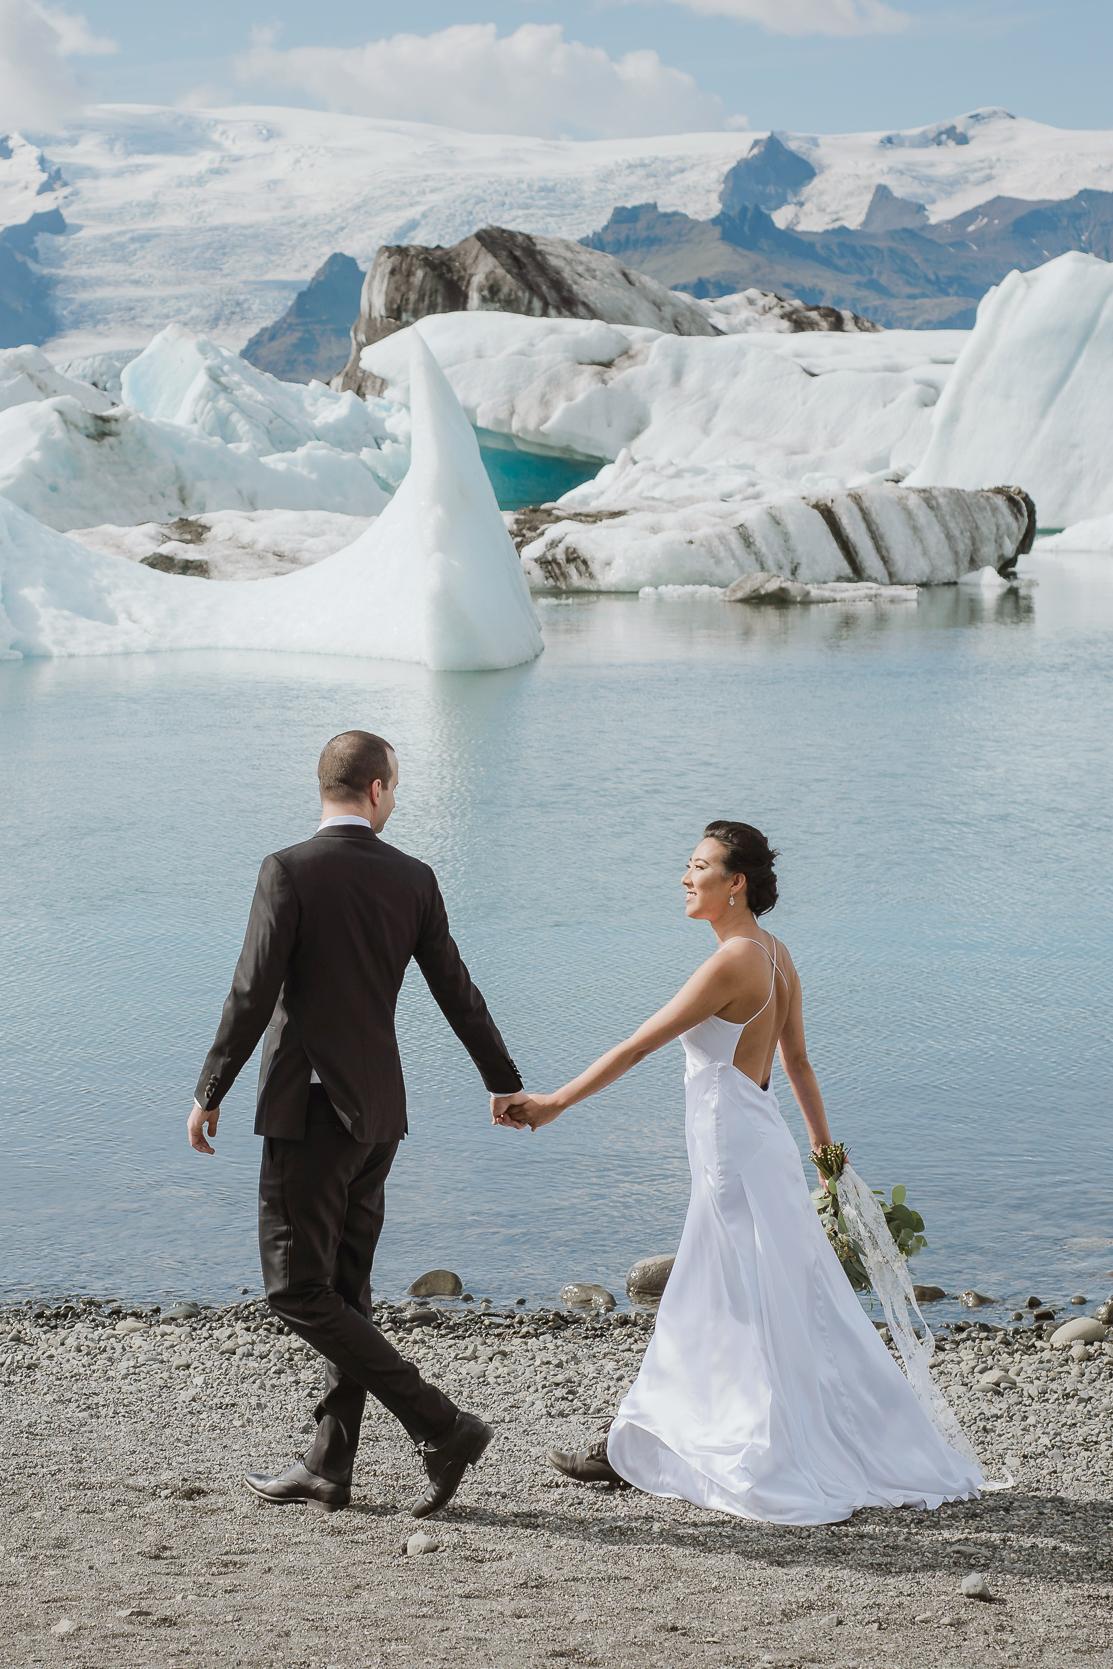 destination-wedding-iceland-engagement-session-vivianchen-053b.jpg